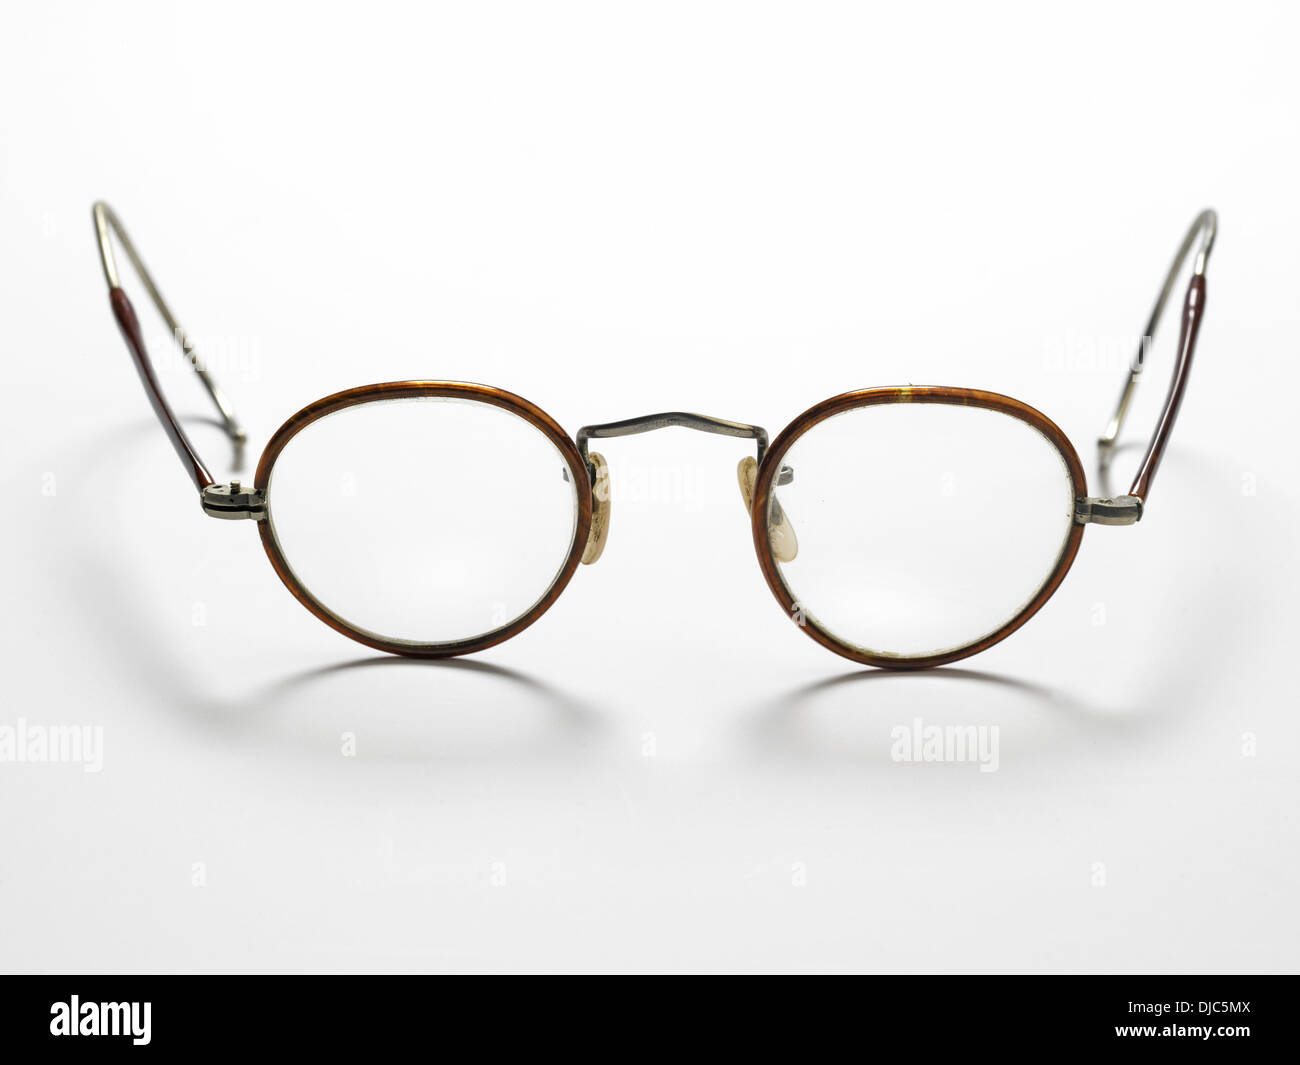 Großzügig Cartier Drahtrahmengläser Bilder - Benutzerdefinierte ...